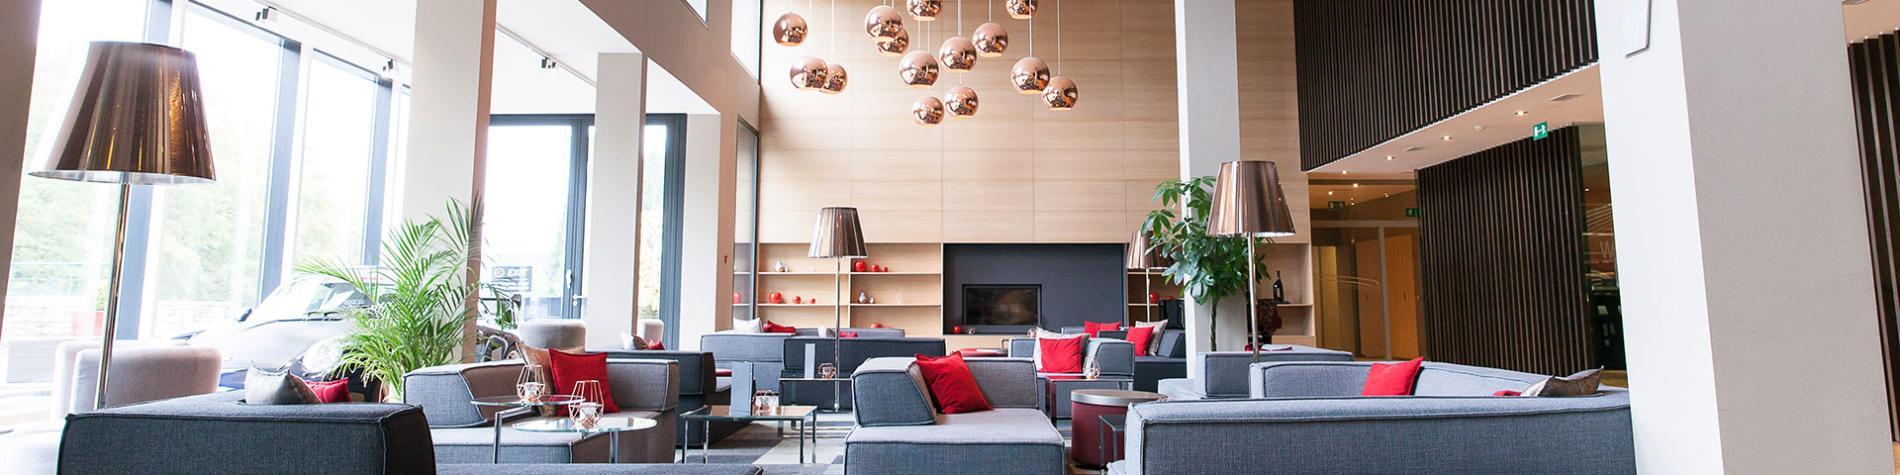 Lobby d'hôtel avec canapé et luminaires en forme de boule